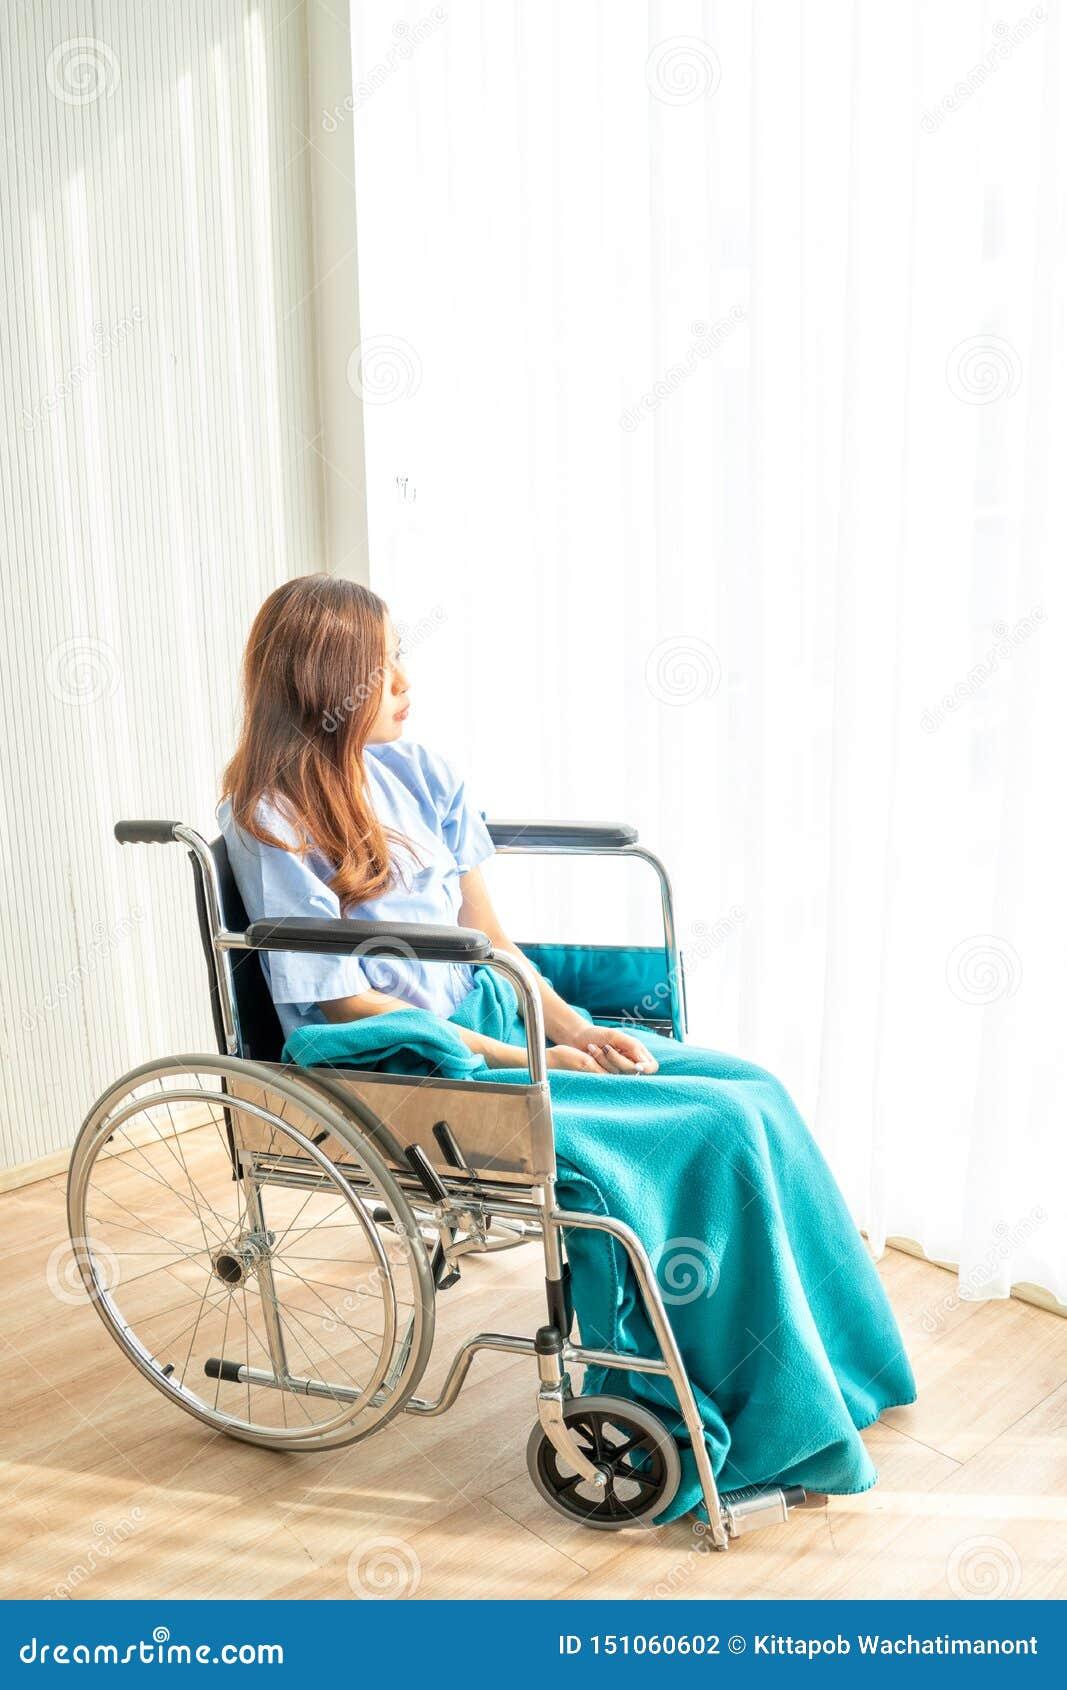 De patiënt zat op een rolstoel met een saai, droevig, hopeloos en ongerust gemaakt oog